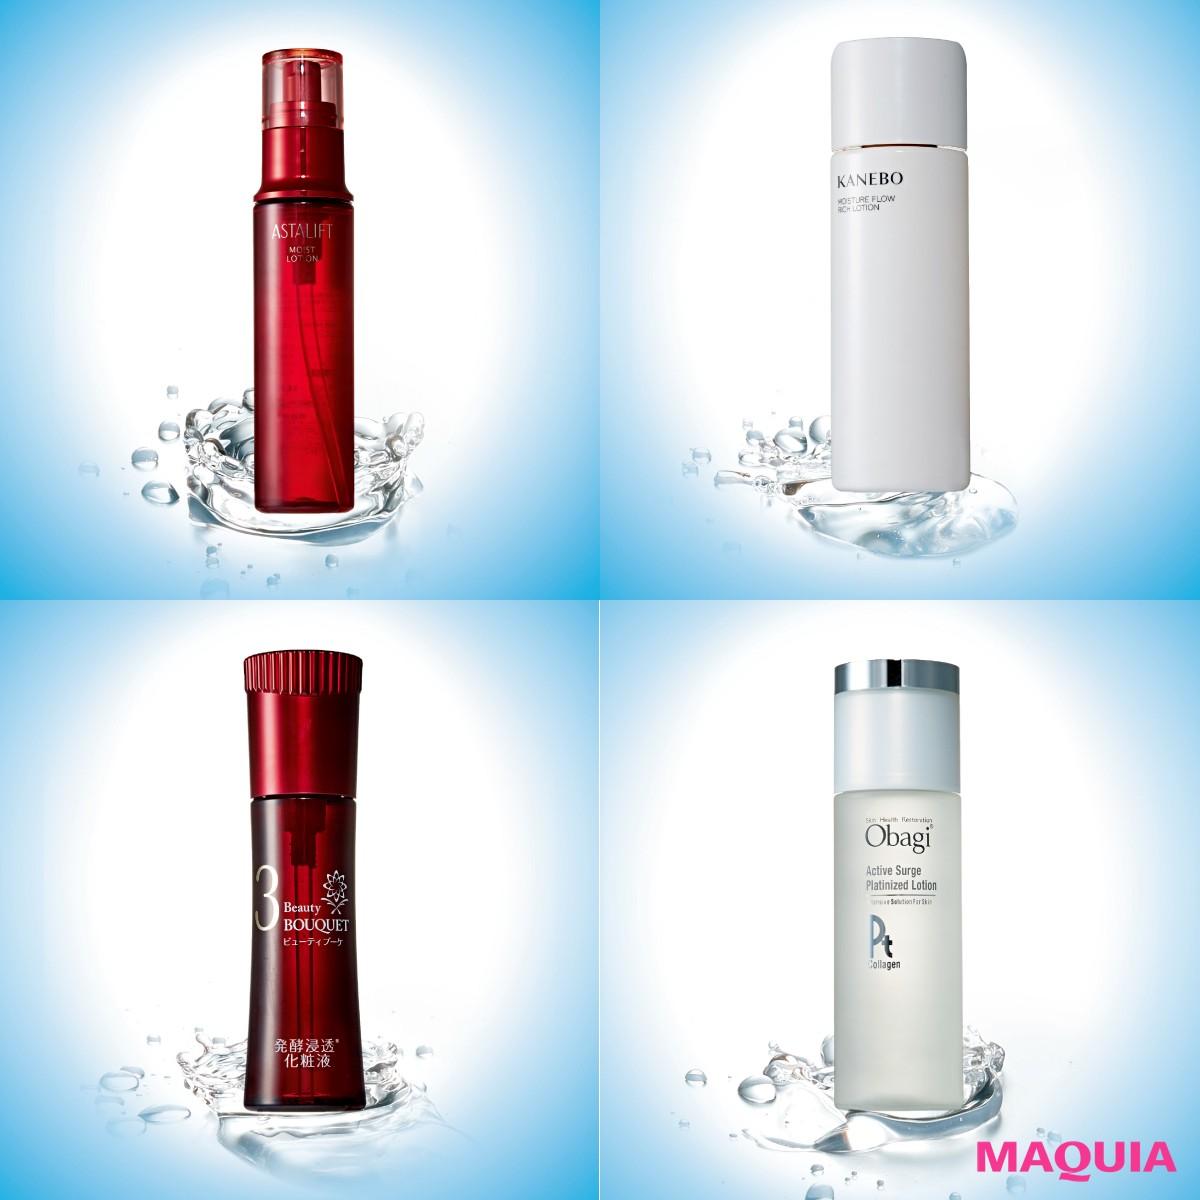 肌に溶け込み最強のハリツヤ肌へ!注目の新作化粧水4選